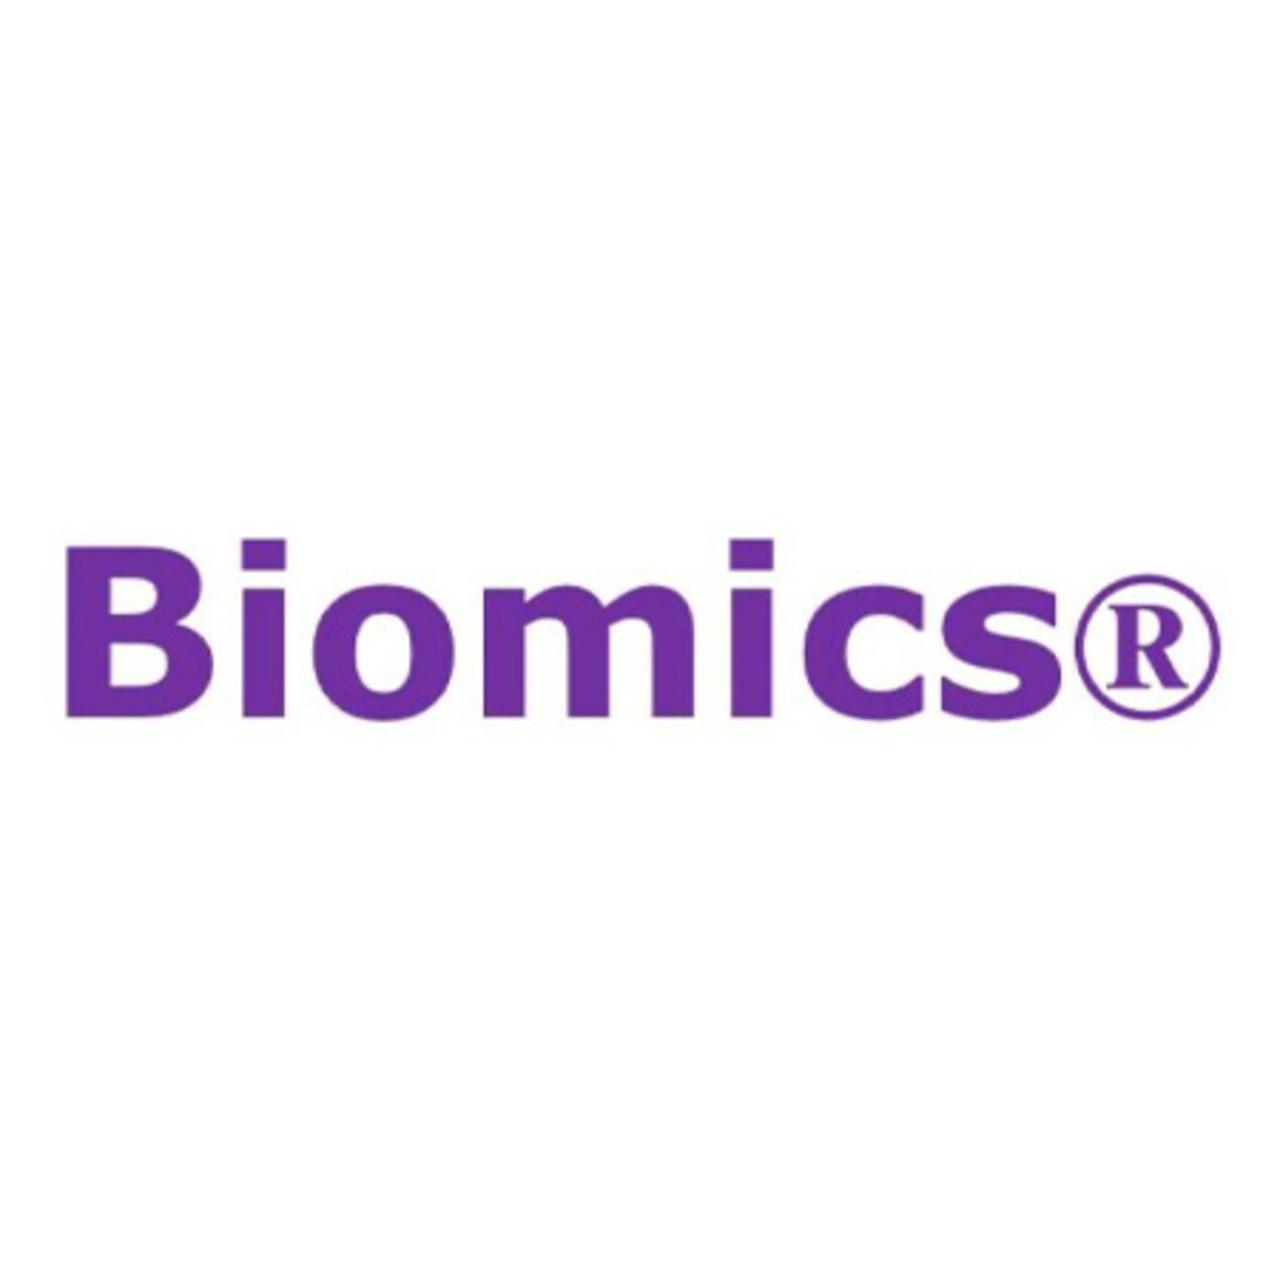 Biomics